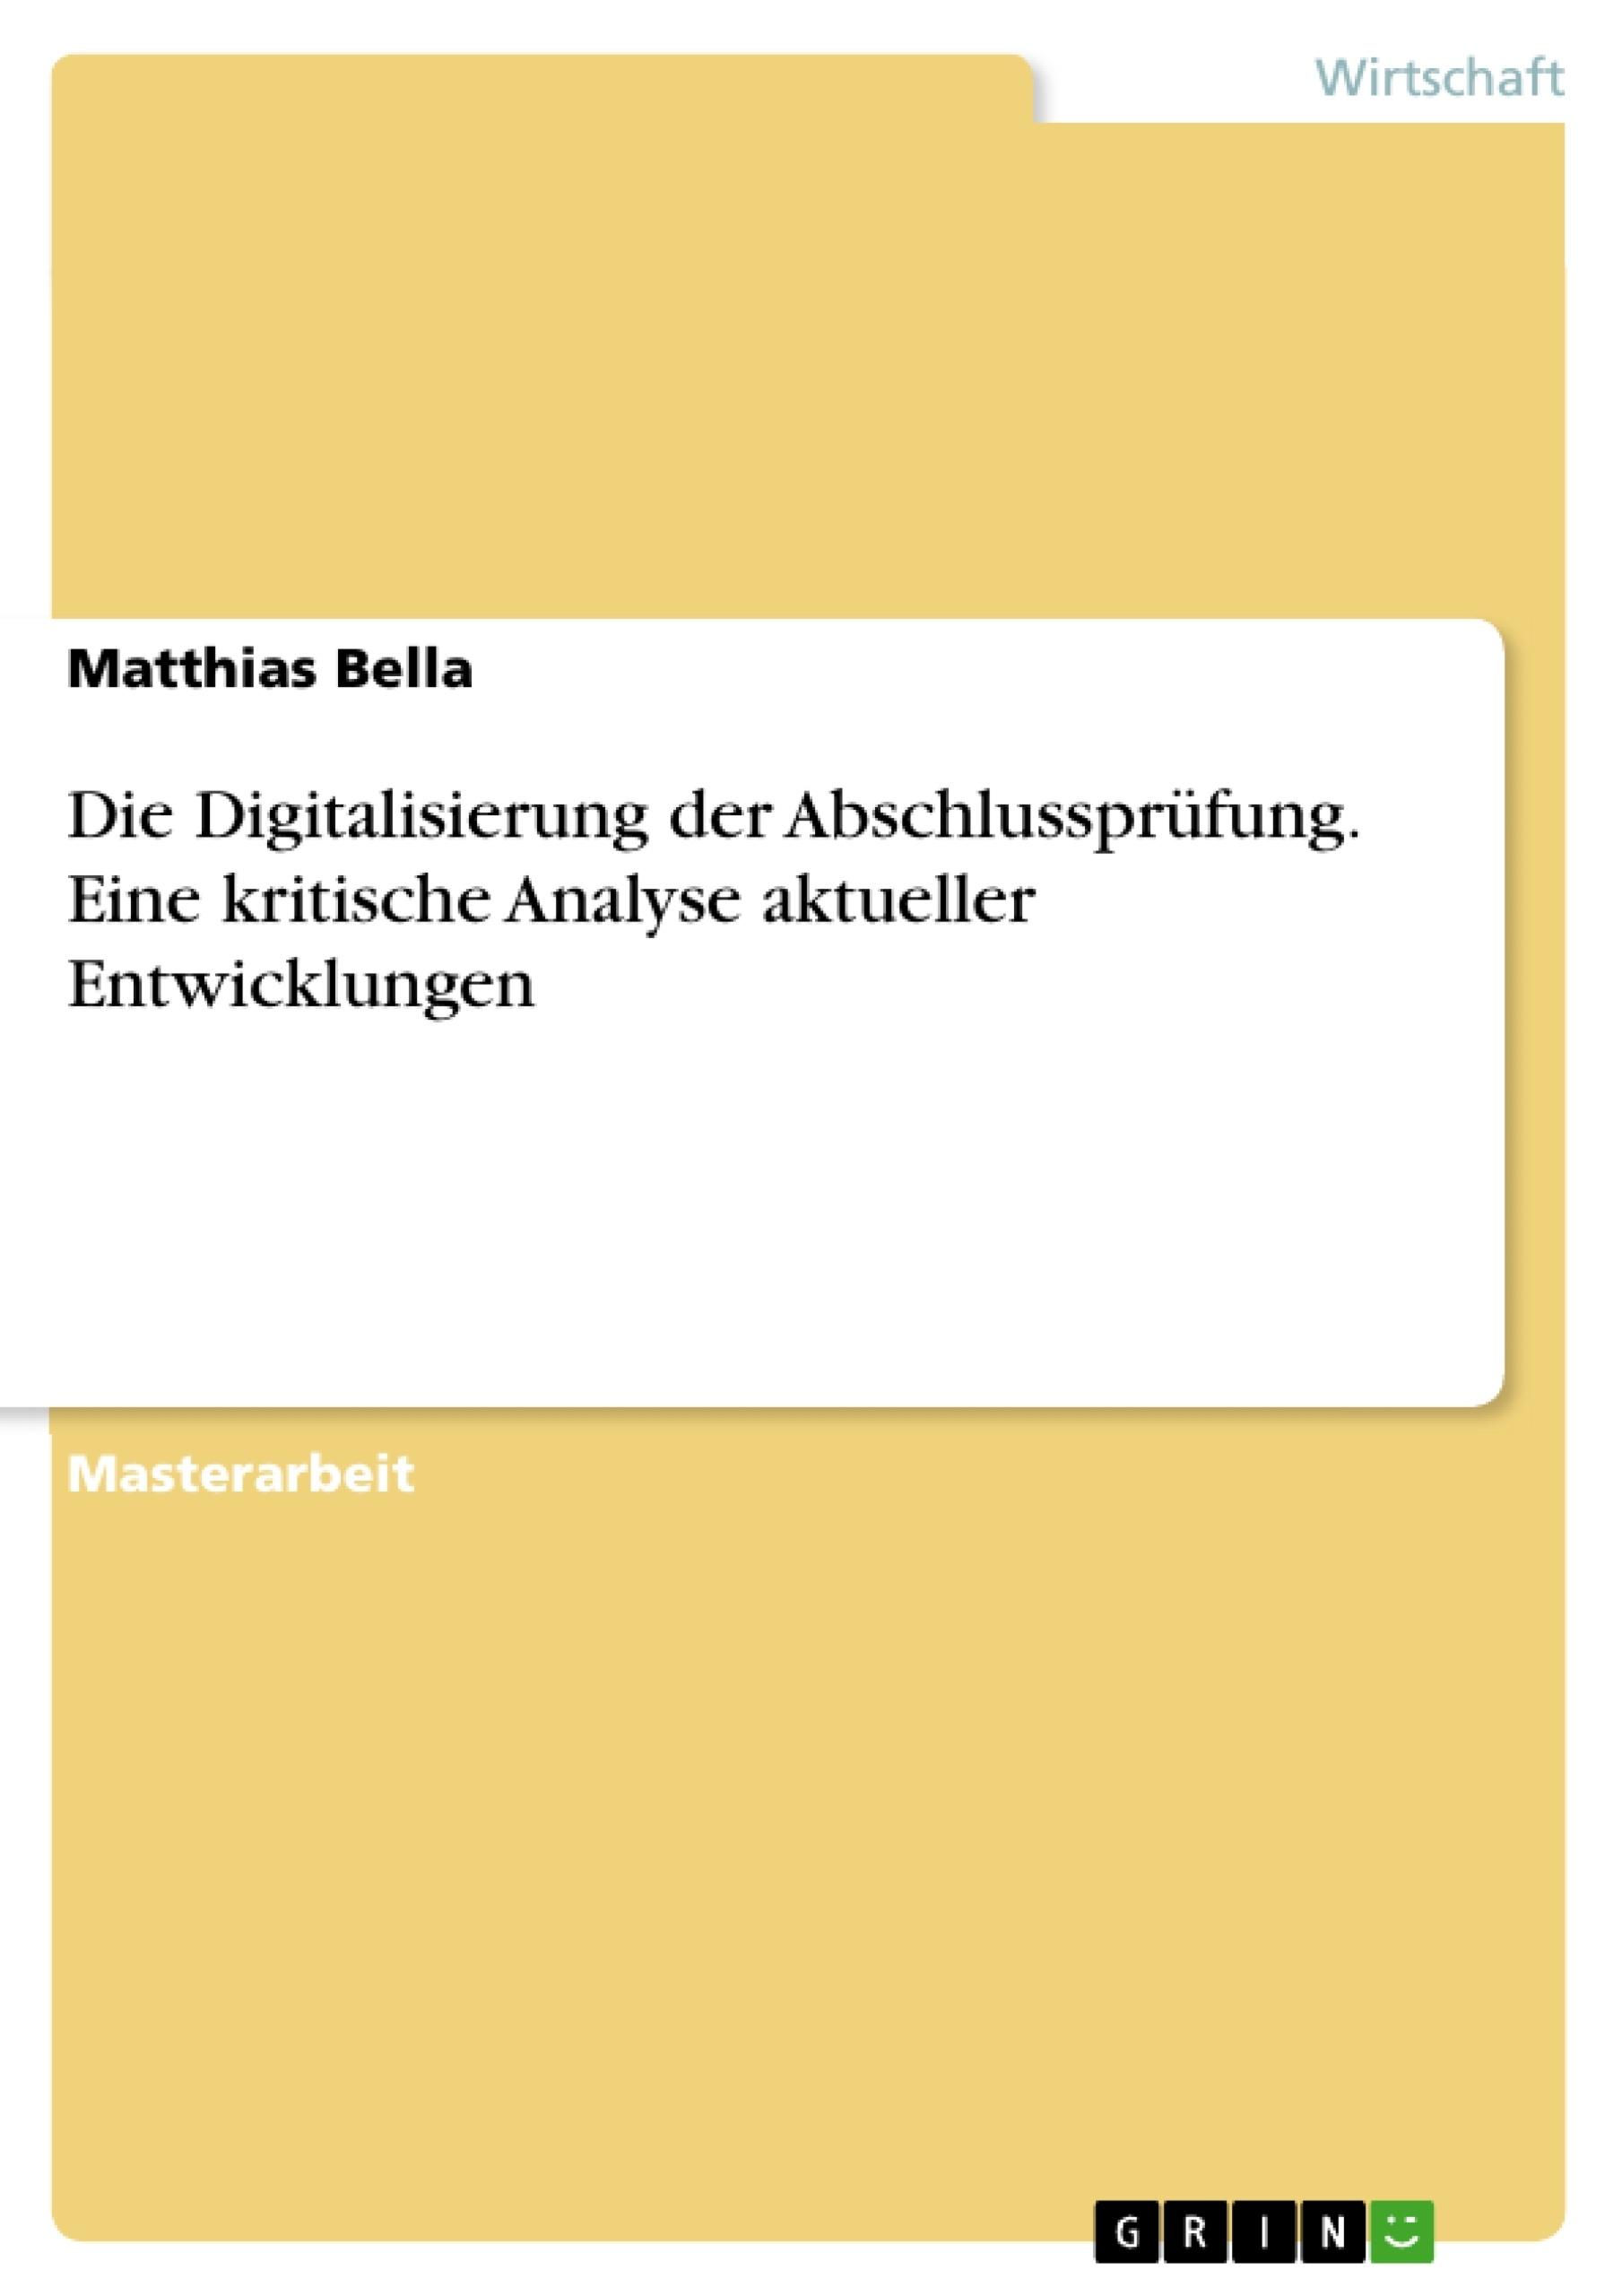 Titel: Die Digitalisierung der Abschlussprüfung. Eine kritische Analyse aktueller Entwicklungen